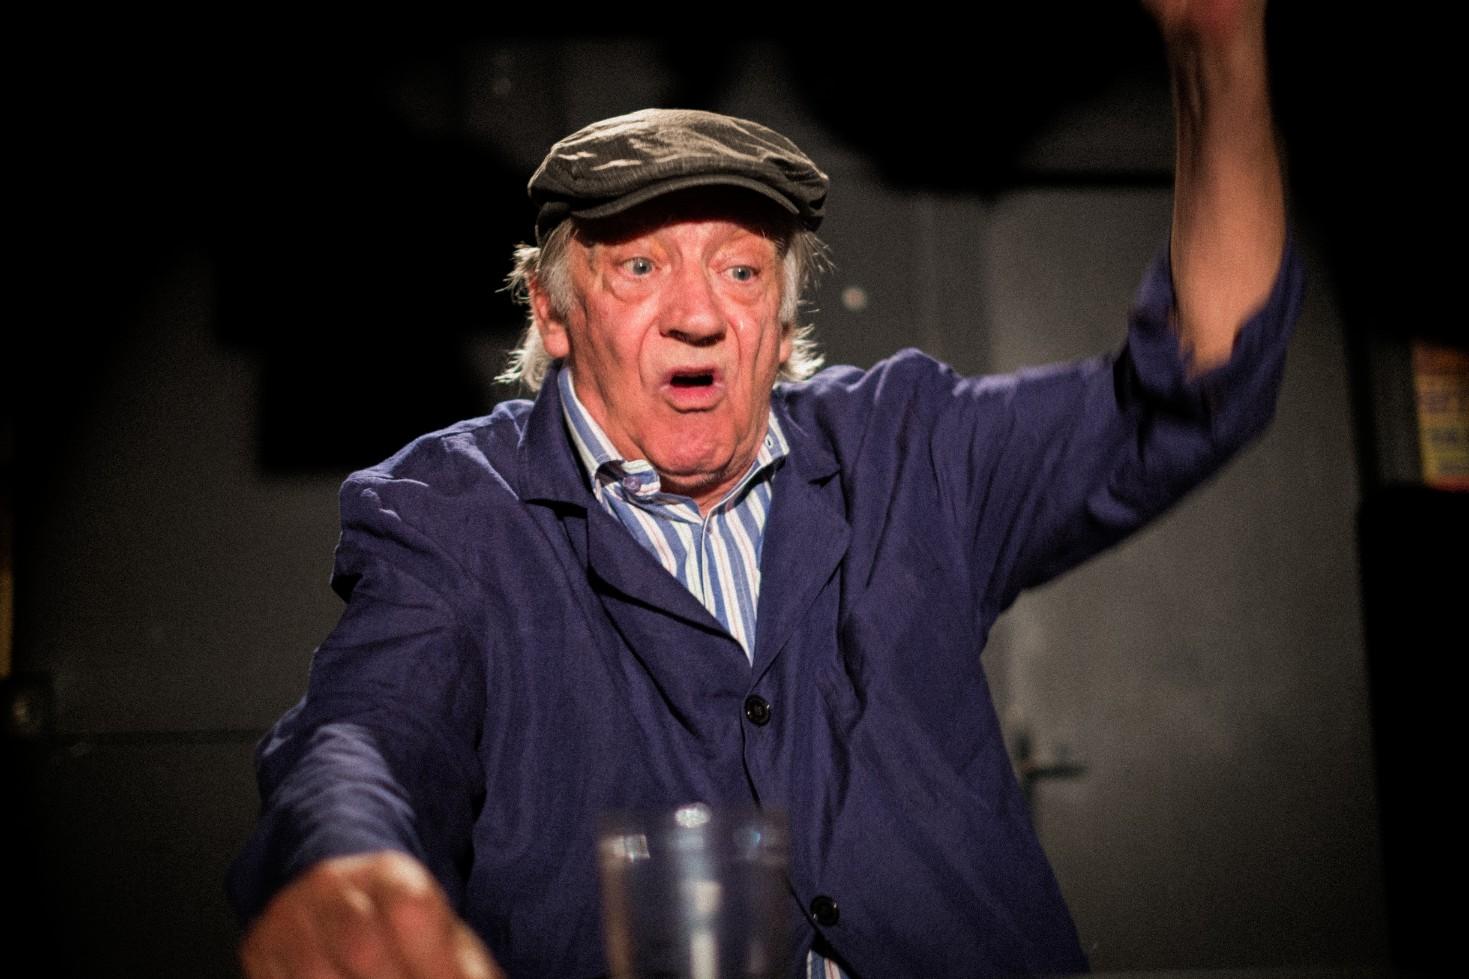 FOTO: Žarko Potočnjak obilježava 50 godina rada u kazalištu monodramom 'Zvjezdani trenutak Josipa Bizjaka'